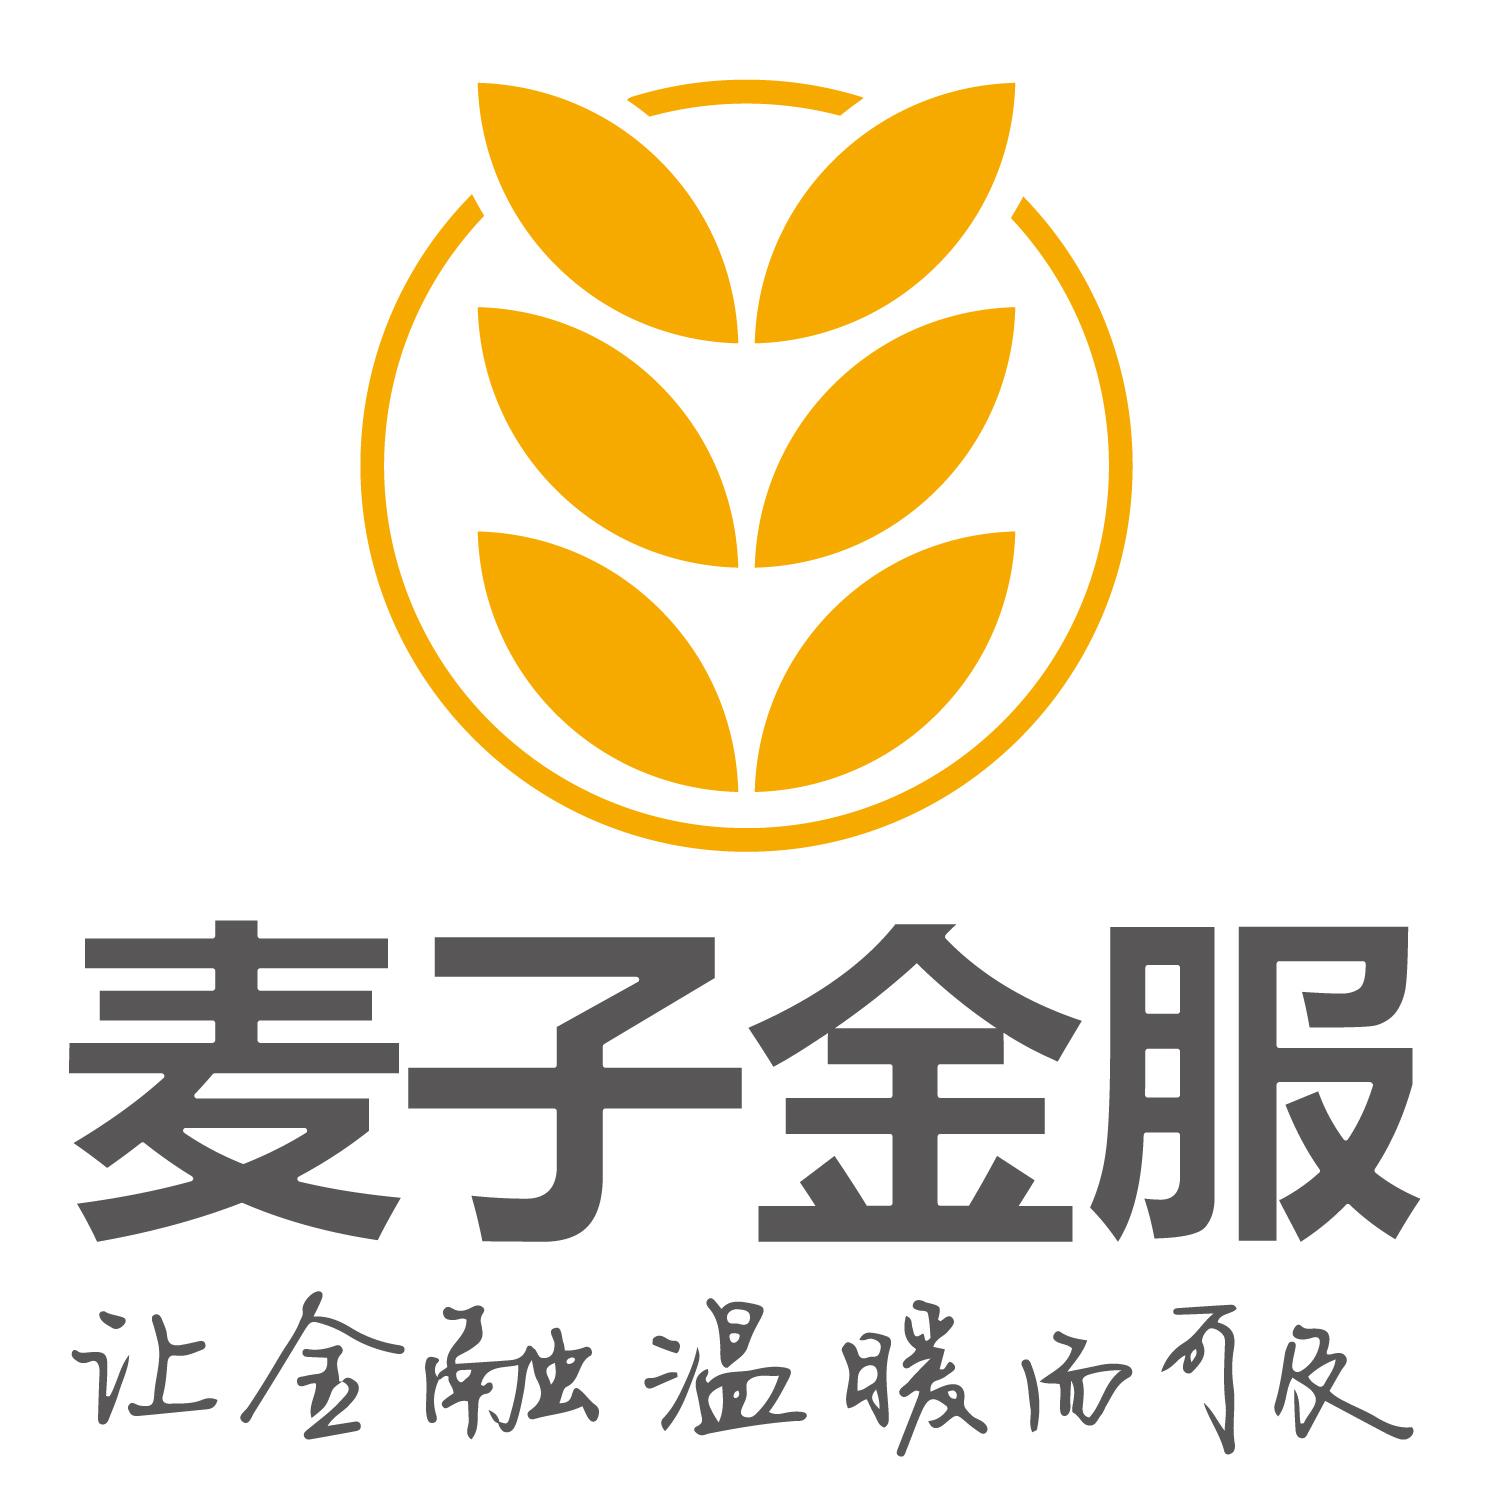 上海麦子资产管理有限公司